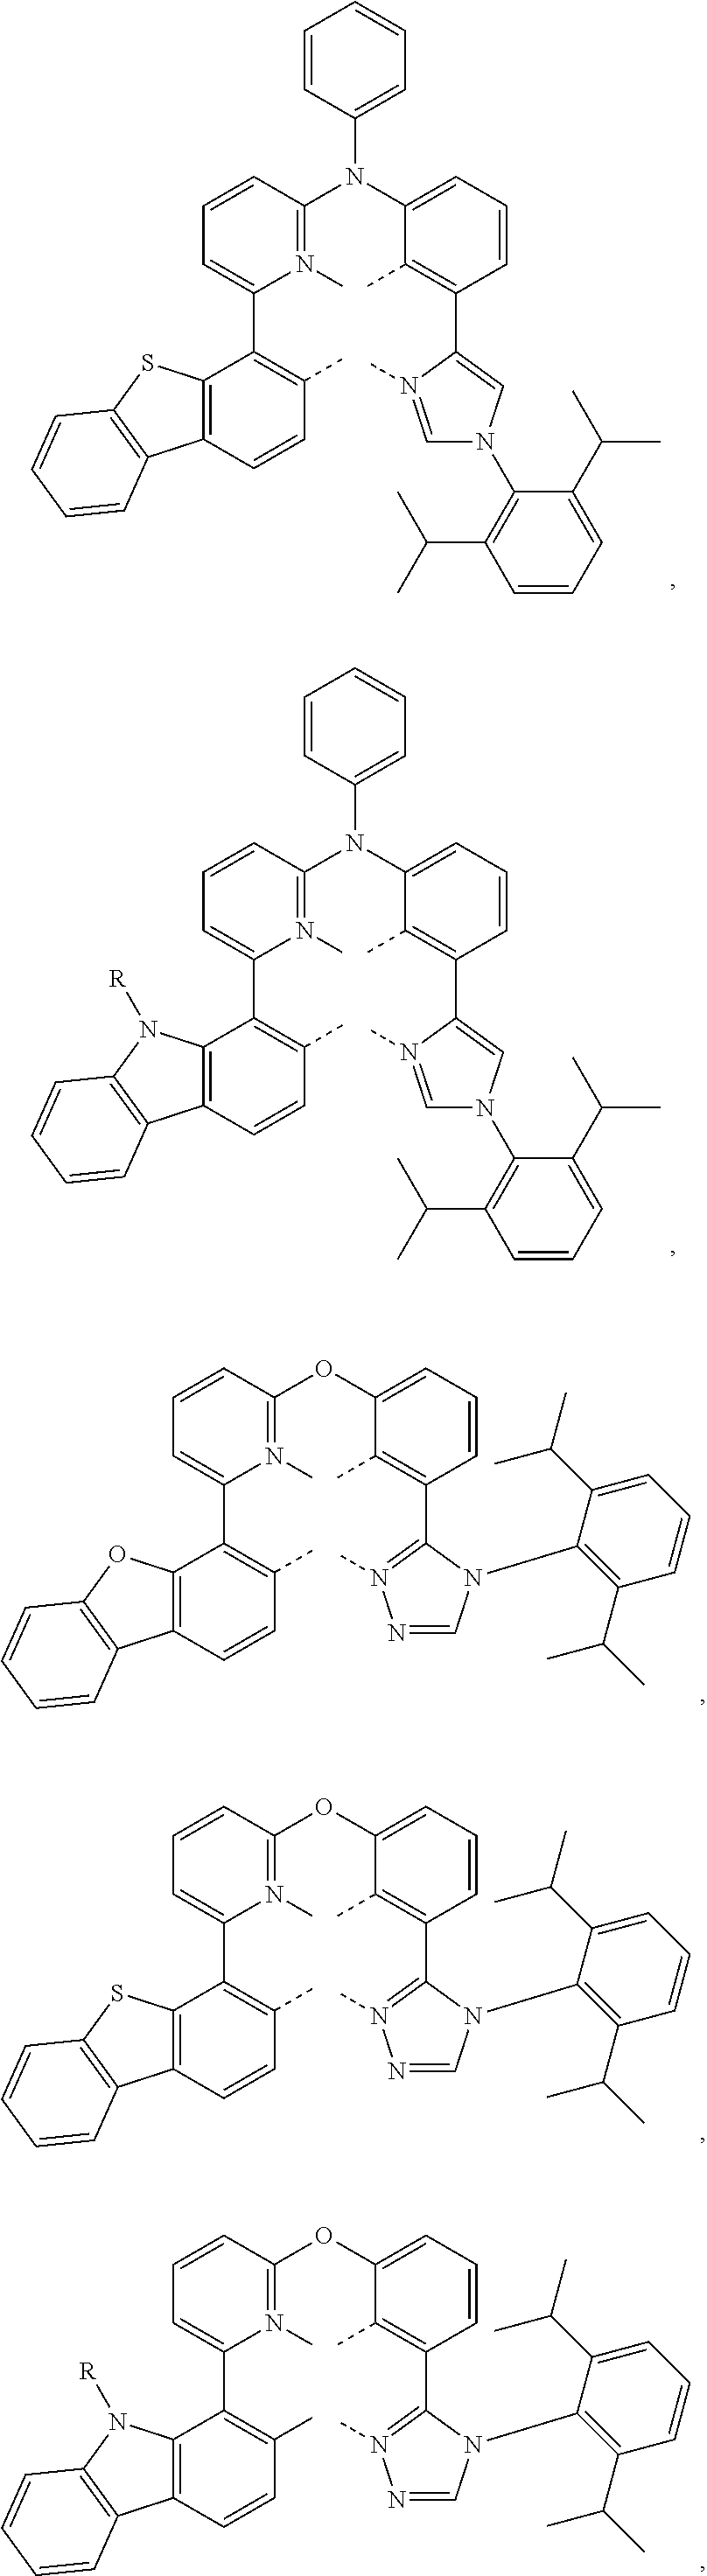 Figure US10056565-20180821-C00025